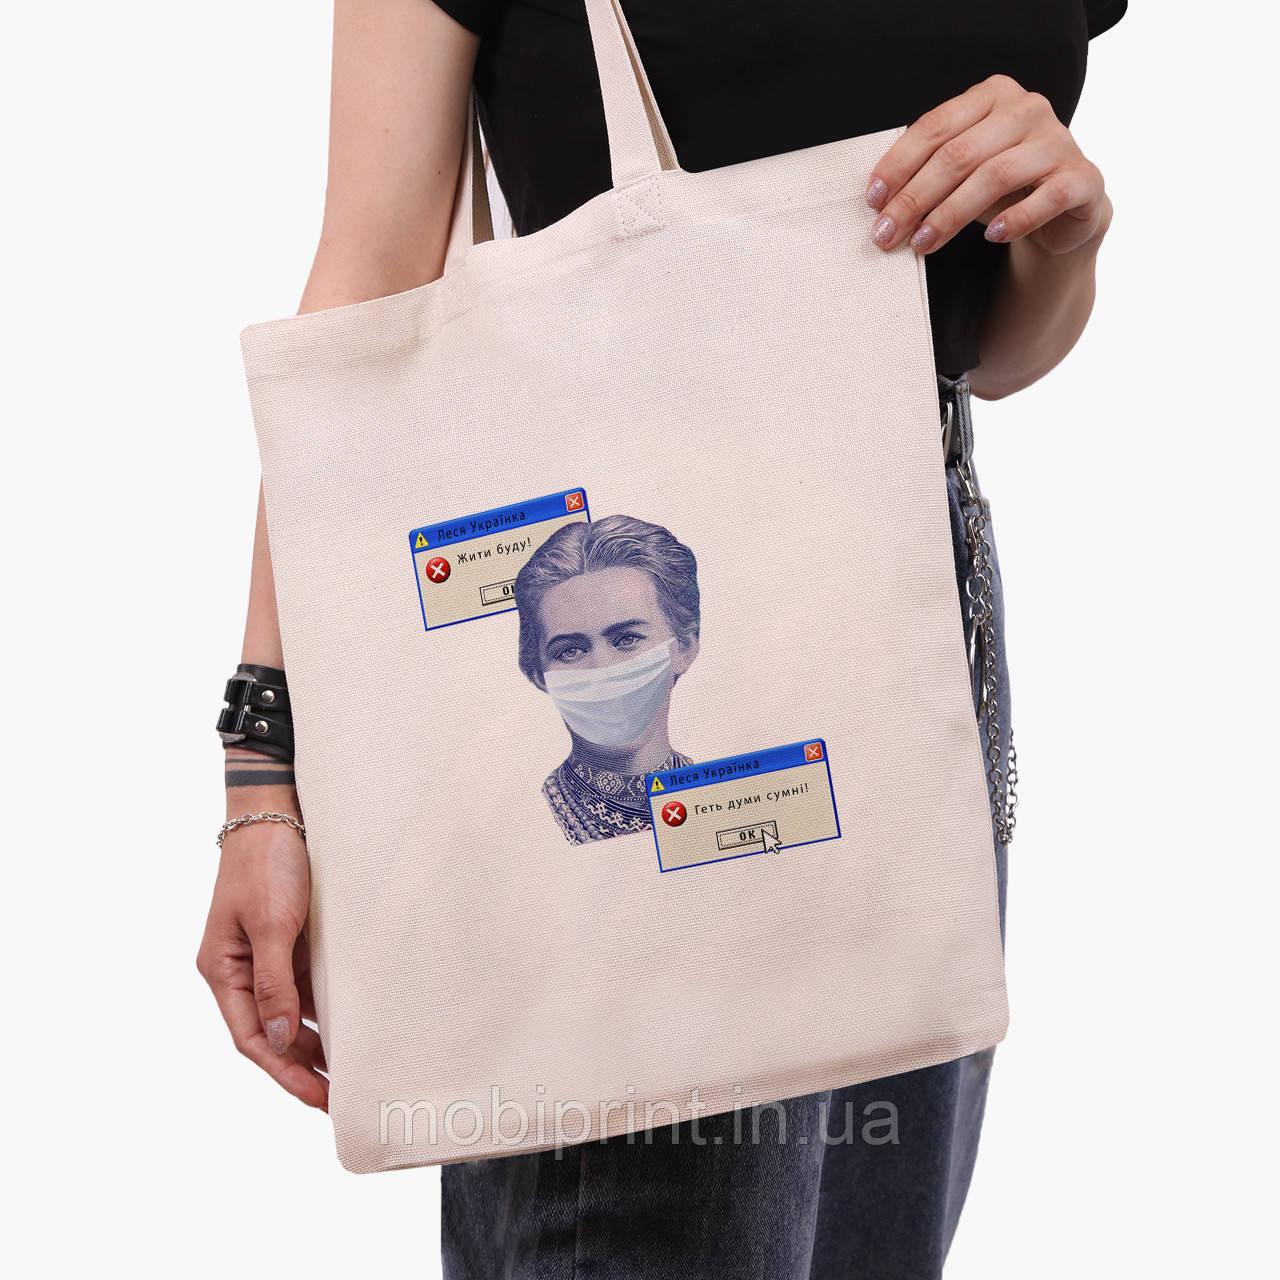 Еко сумка шоппер Леся Українка (Lesya Ukrainka) (9227-1428) экосумка шопер 41*35 см